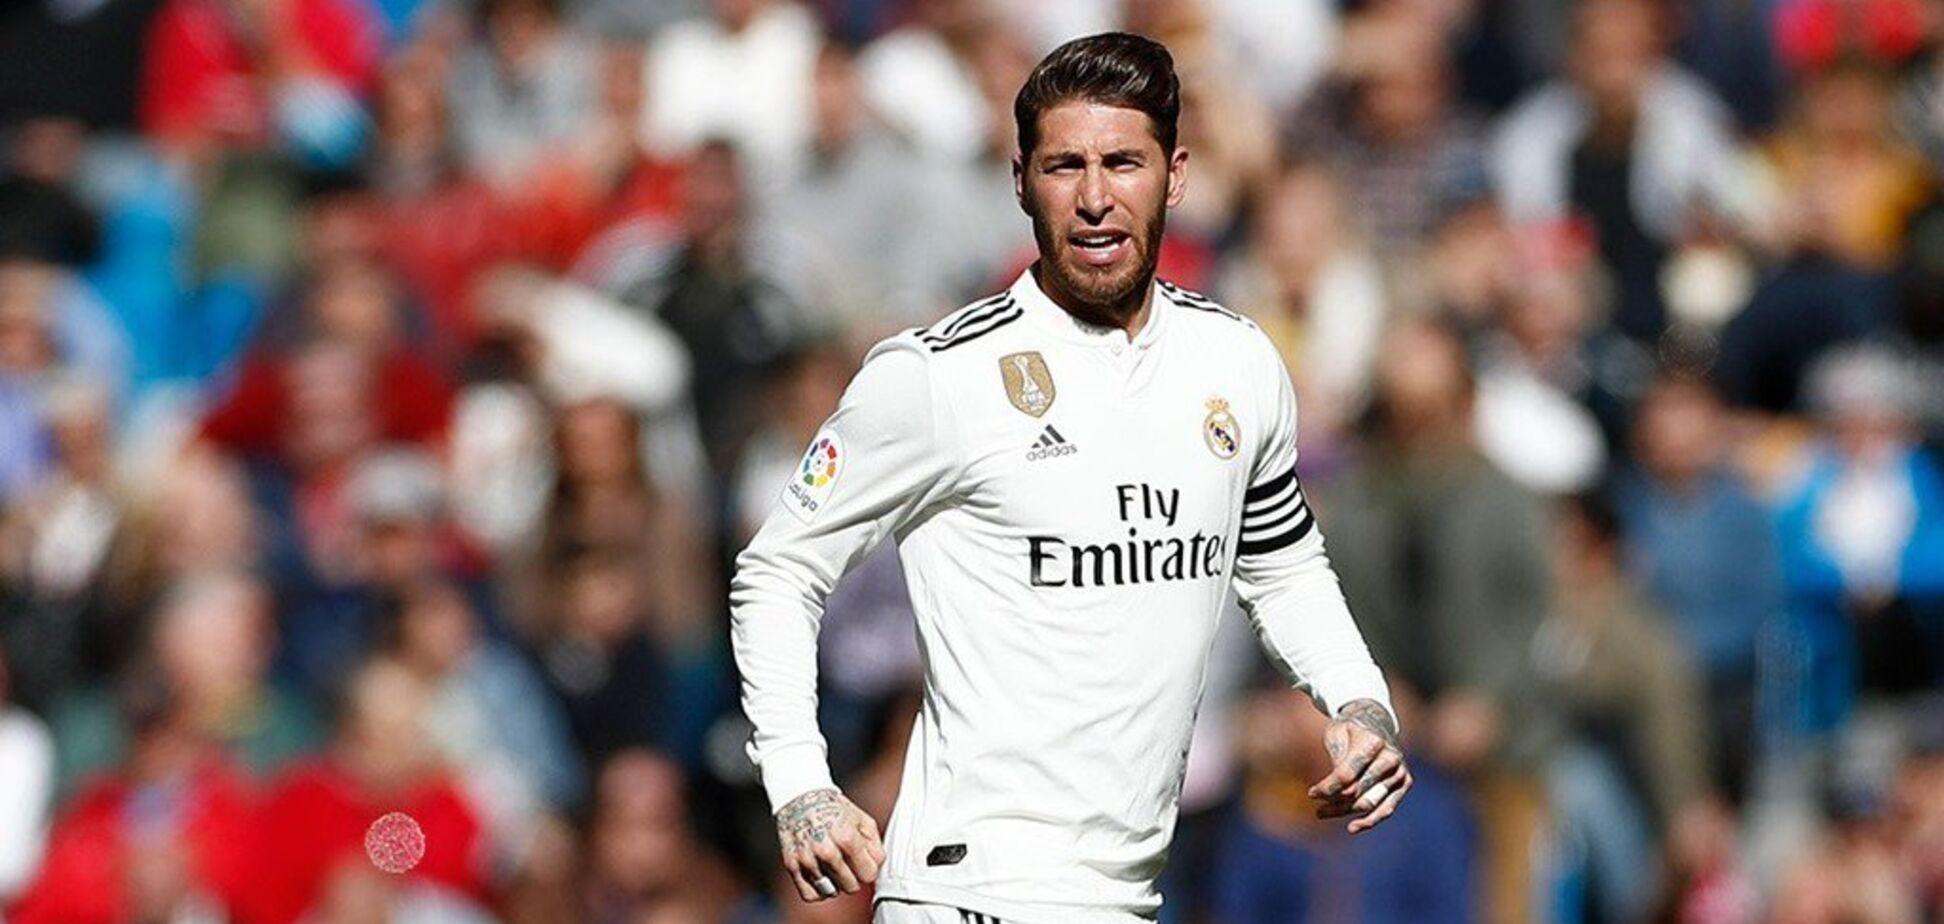 Капітана 'Реала' покарали за підлу витівку в Лізі чемпіонів